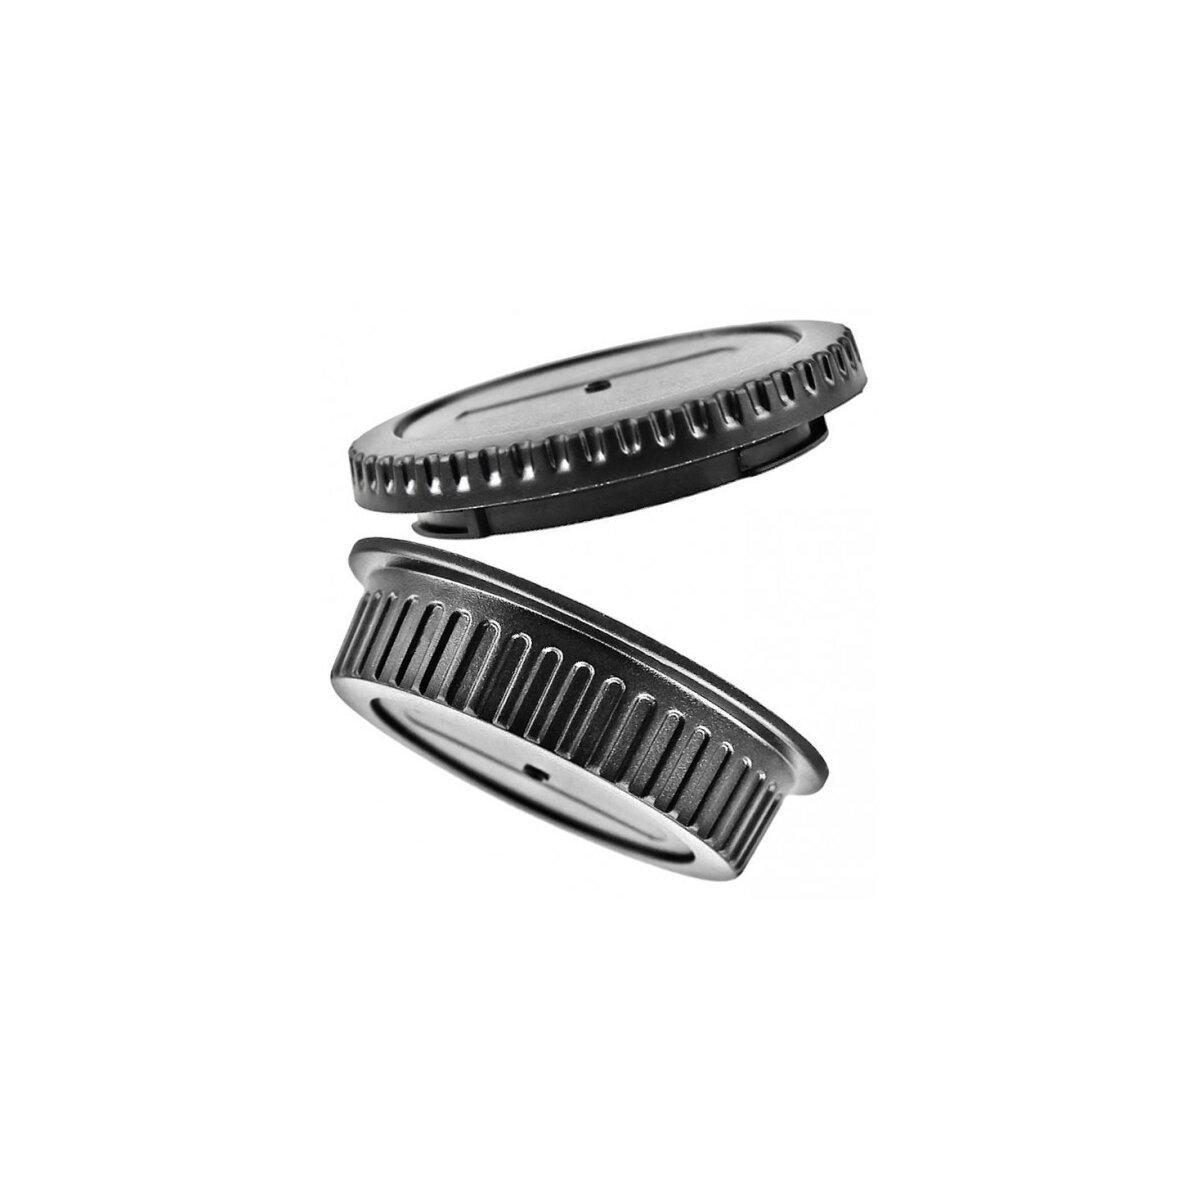 Gehäuse- und Objektiv Rückdeckel kompatibel mit Canon EOS DSLR Spiegelreflexkameras